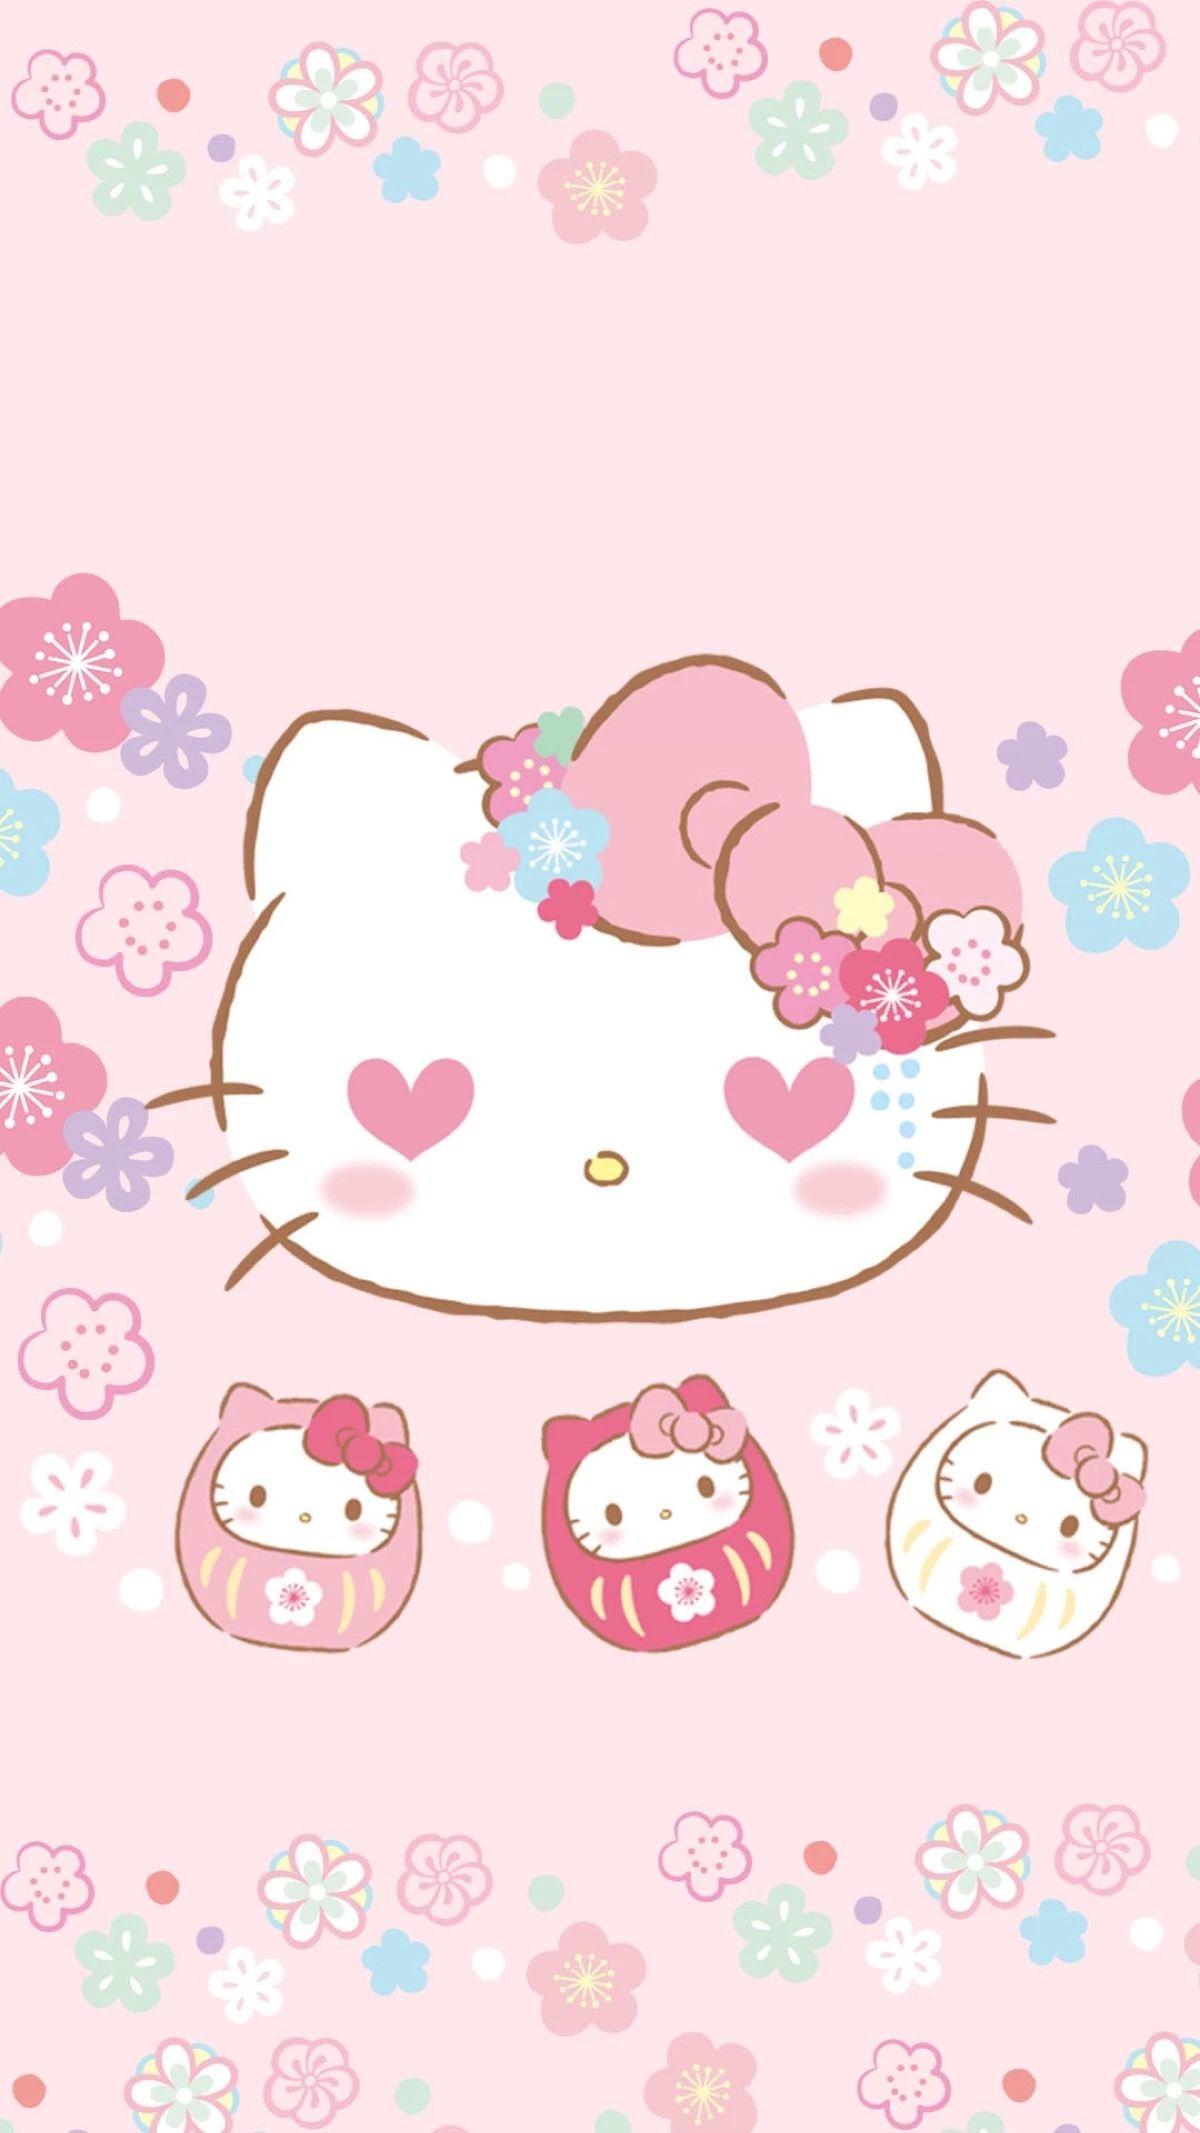 Good Wallpaper Hello Kitty Kawaii - 78869ed9259cc8b7dc1bb0bb2724dccd  Snapshot_337935.jpg